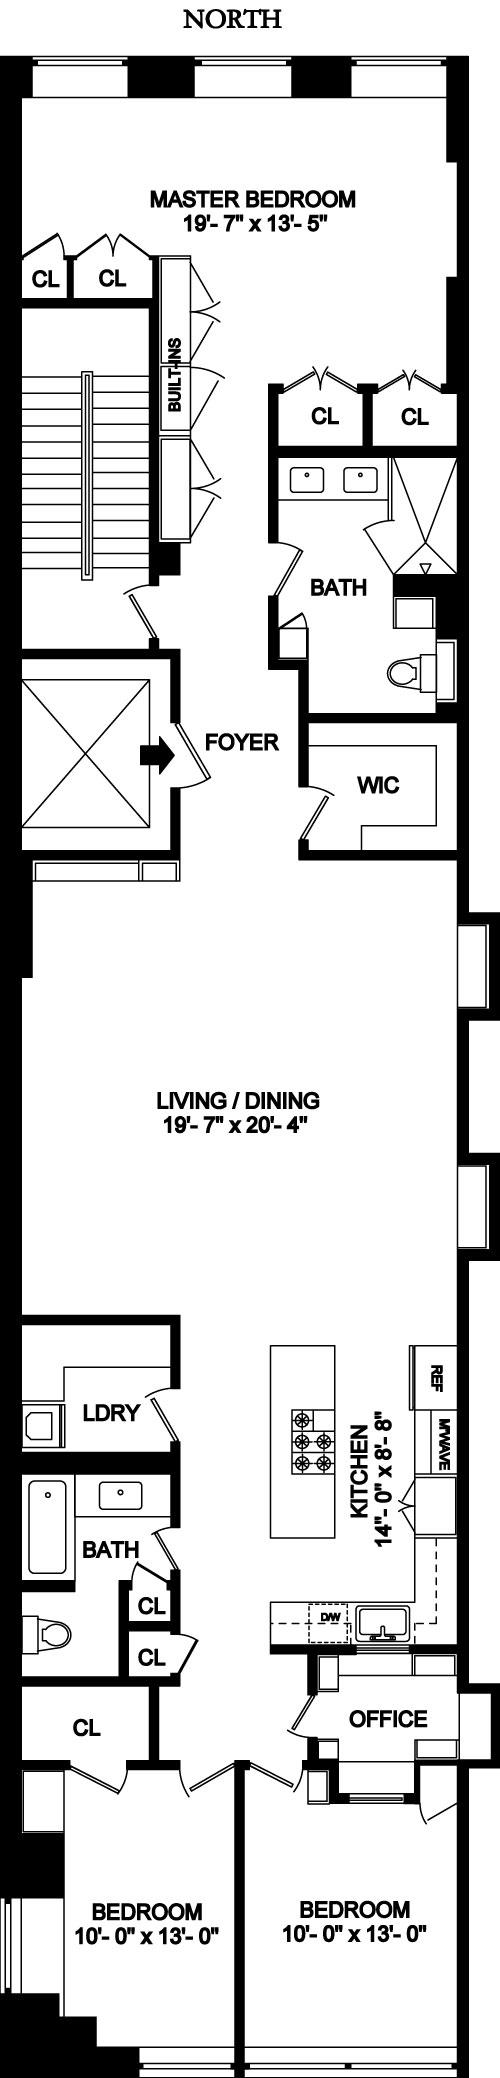 Floor plan of 42 West 15th Street, 3FL - Flatiron District, New York